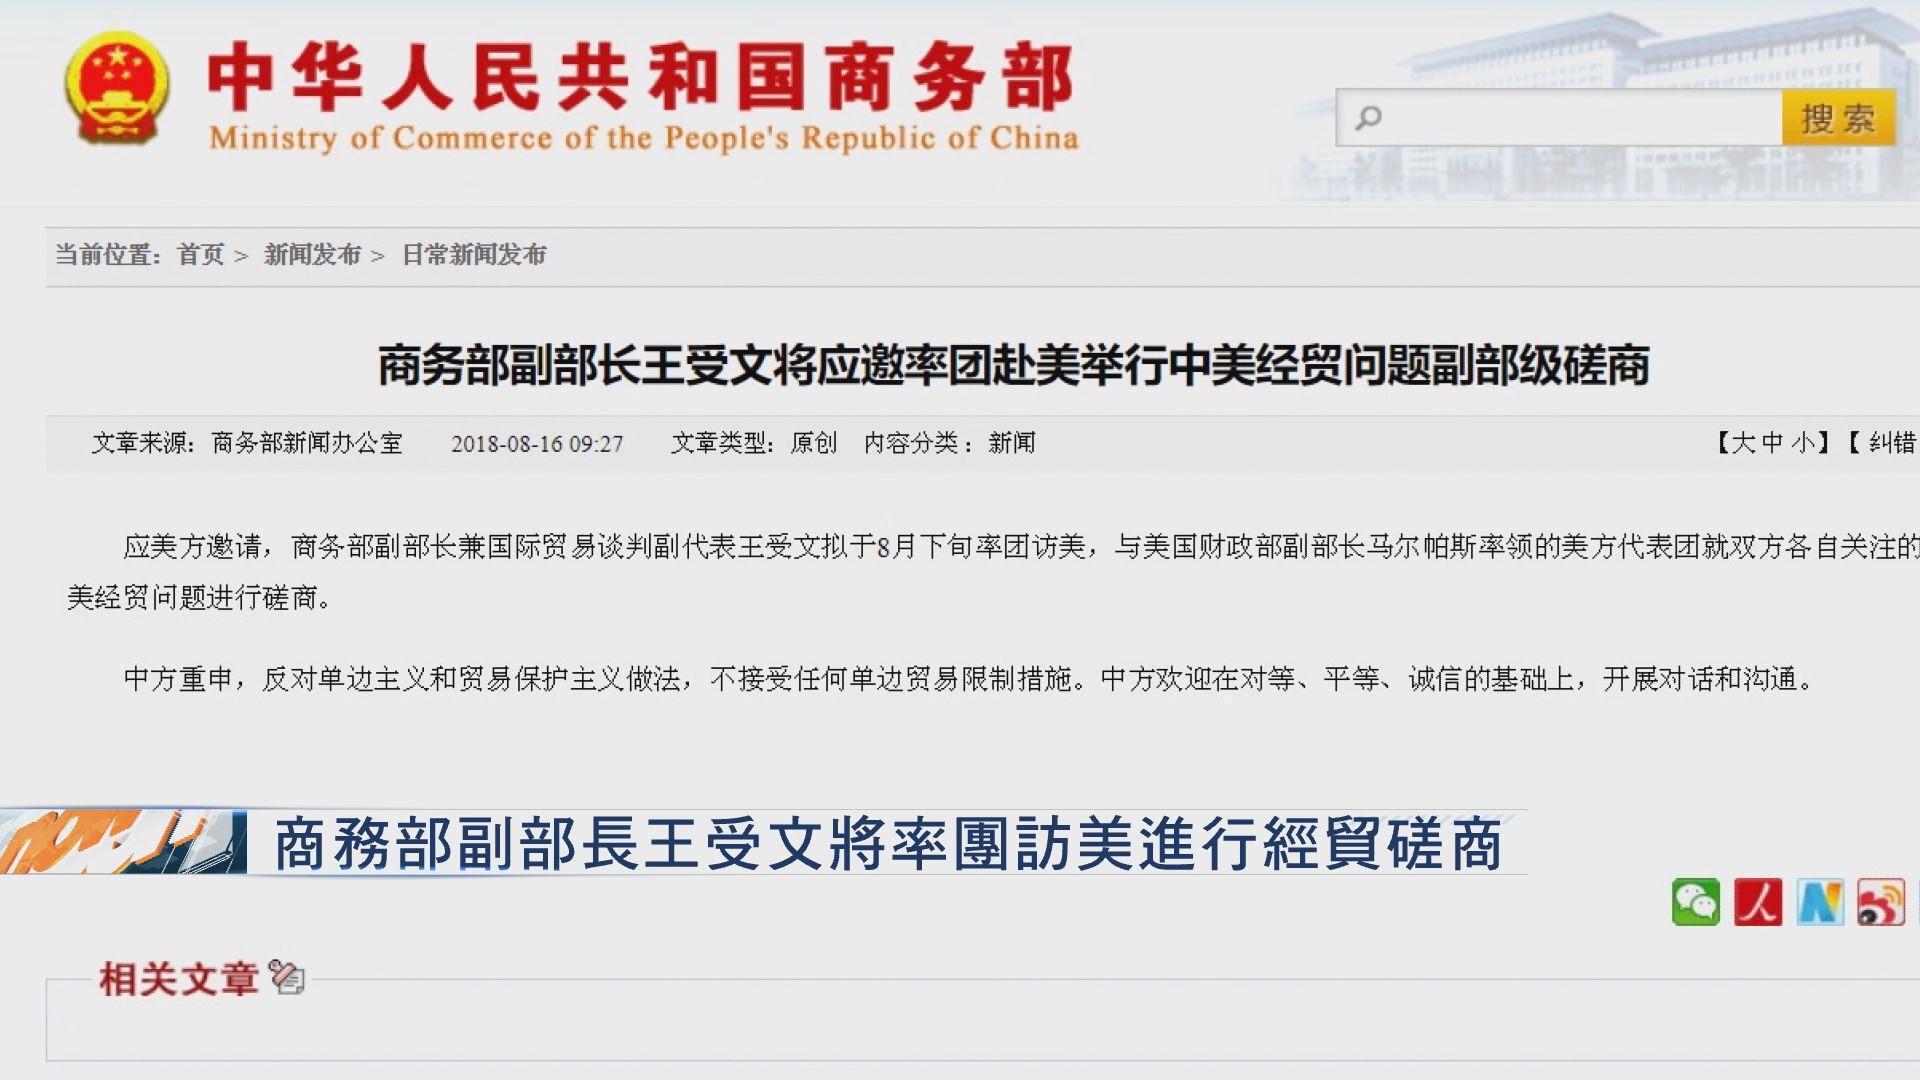 商務部副部長王受文將率團訪美進行經貿磋商